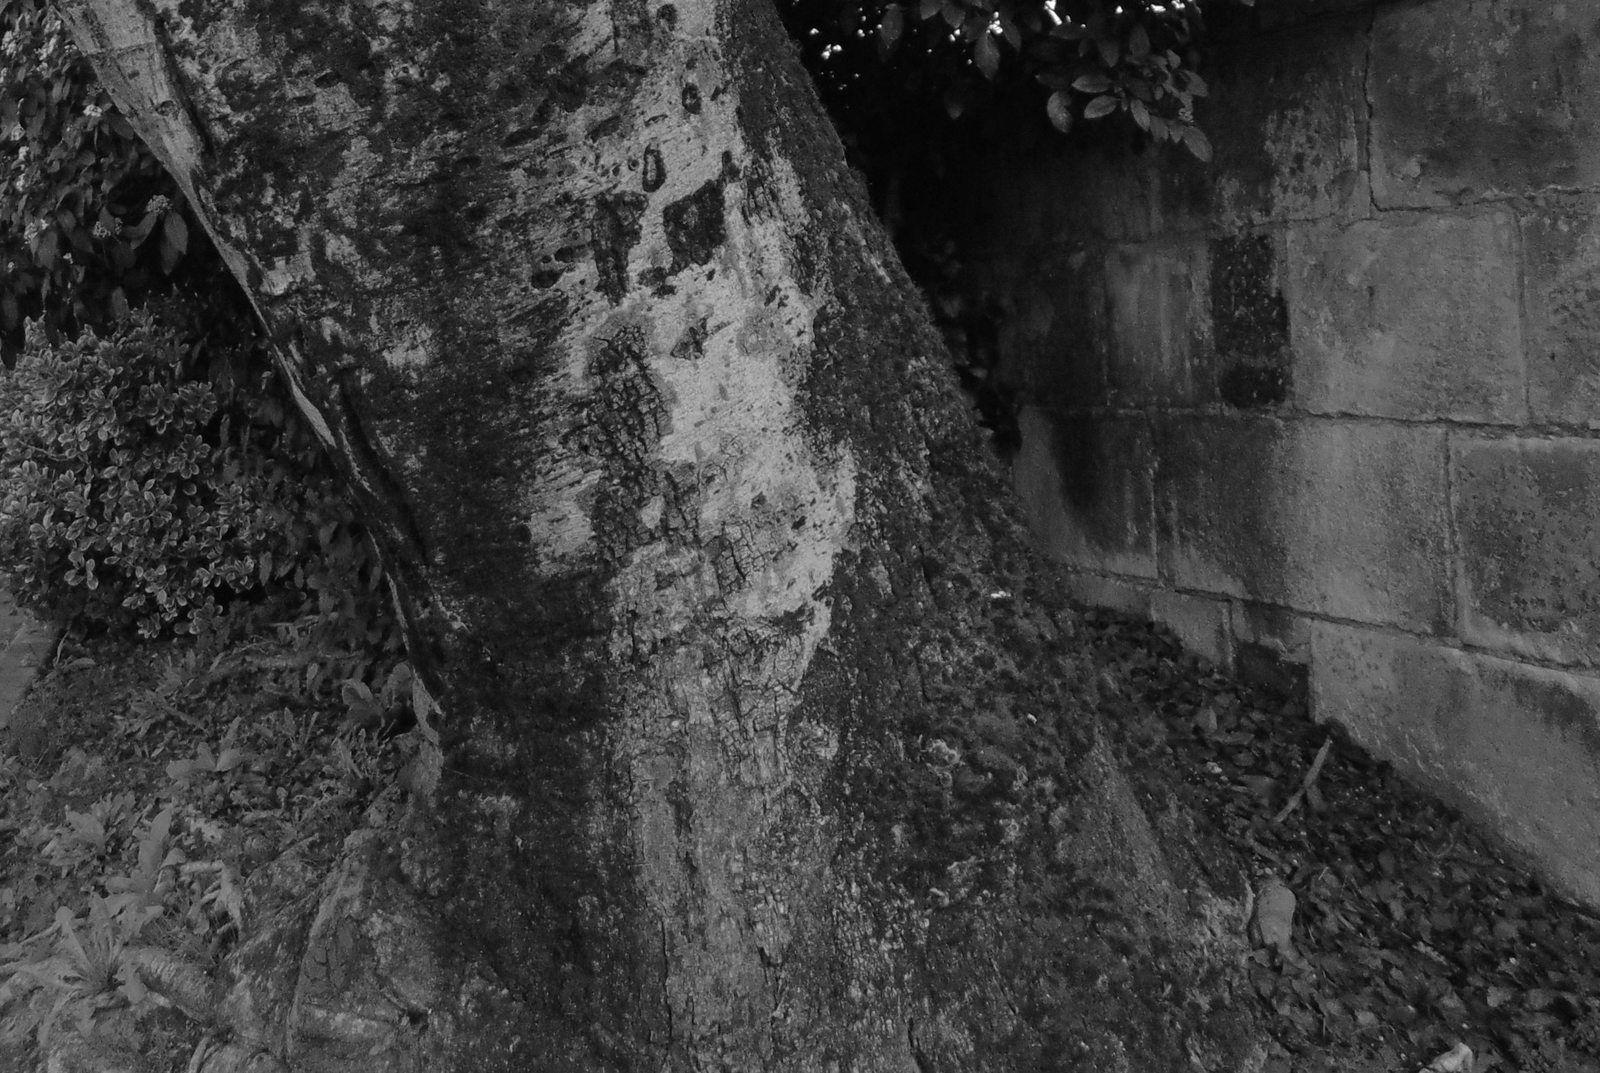 """De la place Bassompierre au pont Bernard Palissy semblant plonger dans la Charente, ou le contraire. Puis de la rue Alsace Lorraine, où des riverains en ont assez de voir cette brave plaque d'égout servir de poubelle ou de cendrier, au carrefour Pasteur devant ce vénérable arbre qui semble défier les.... siècles. Et enfin """" Michel """" et """" Maitre Bernard Palissy """""""